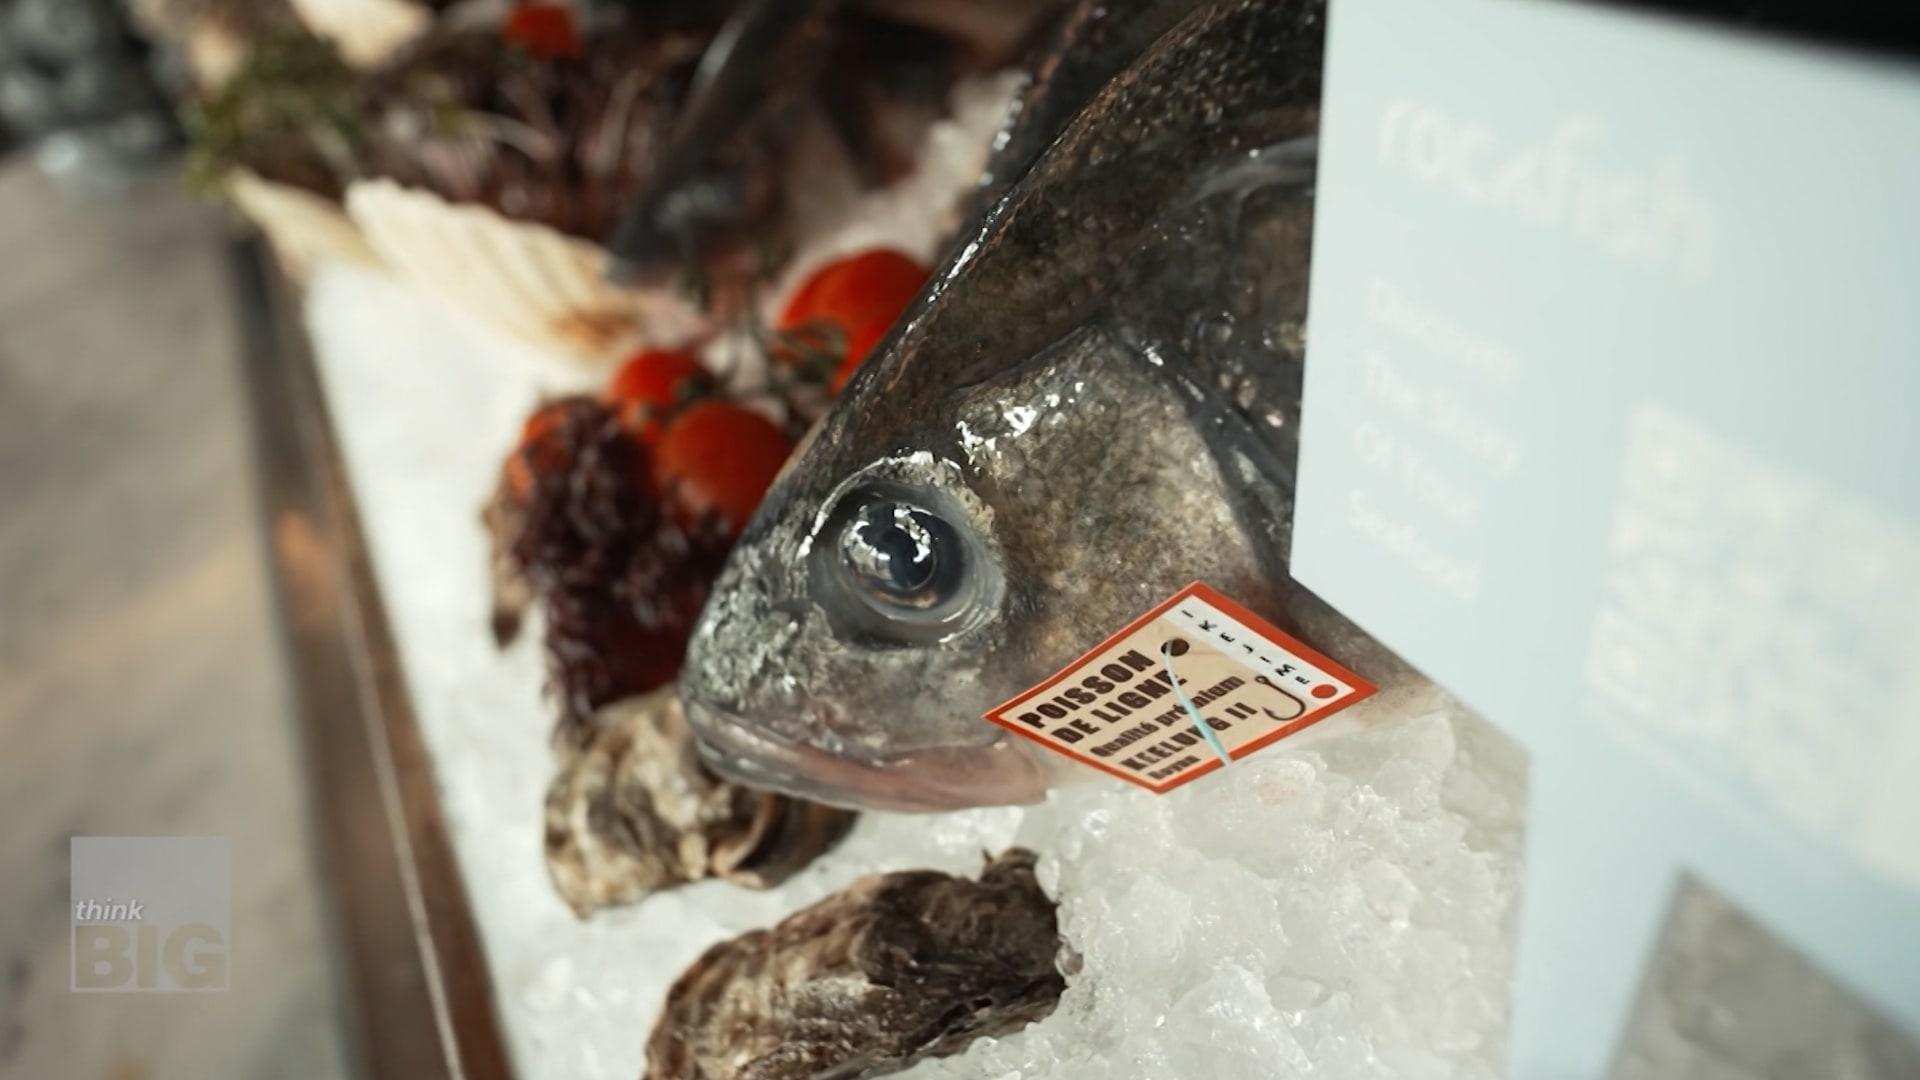 لمنع الاحتيال.. سوق إلكتروني يتتبع رحلة الأسماك التي تشتريها منذ لحظة اصطيادها